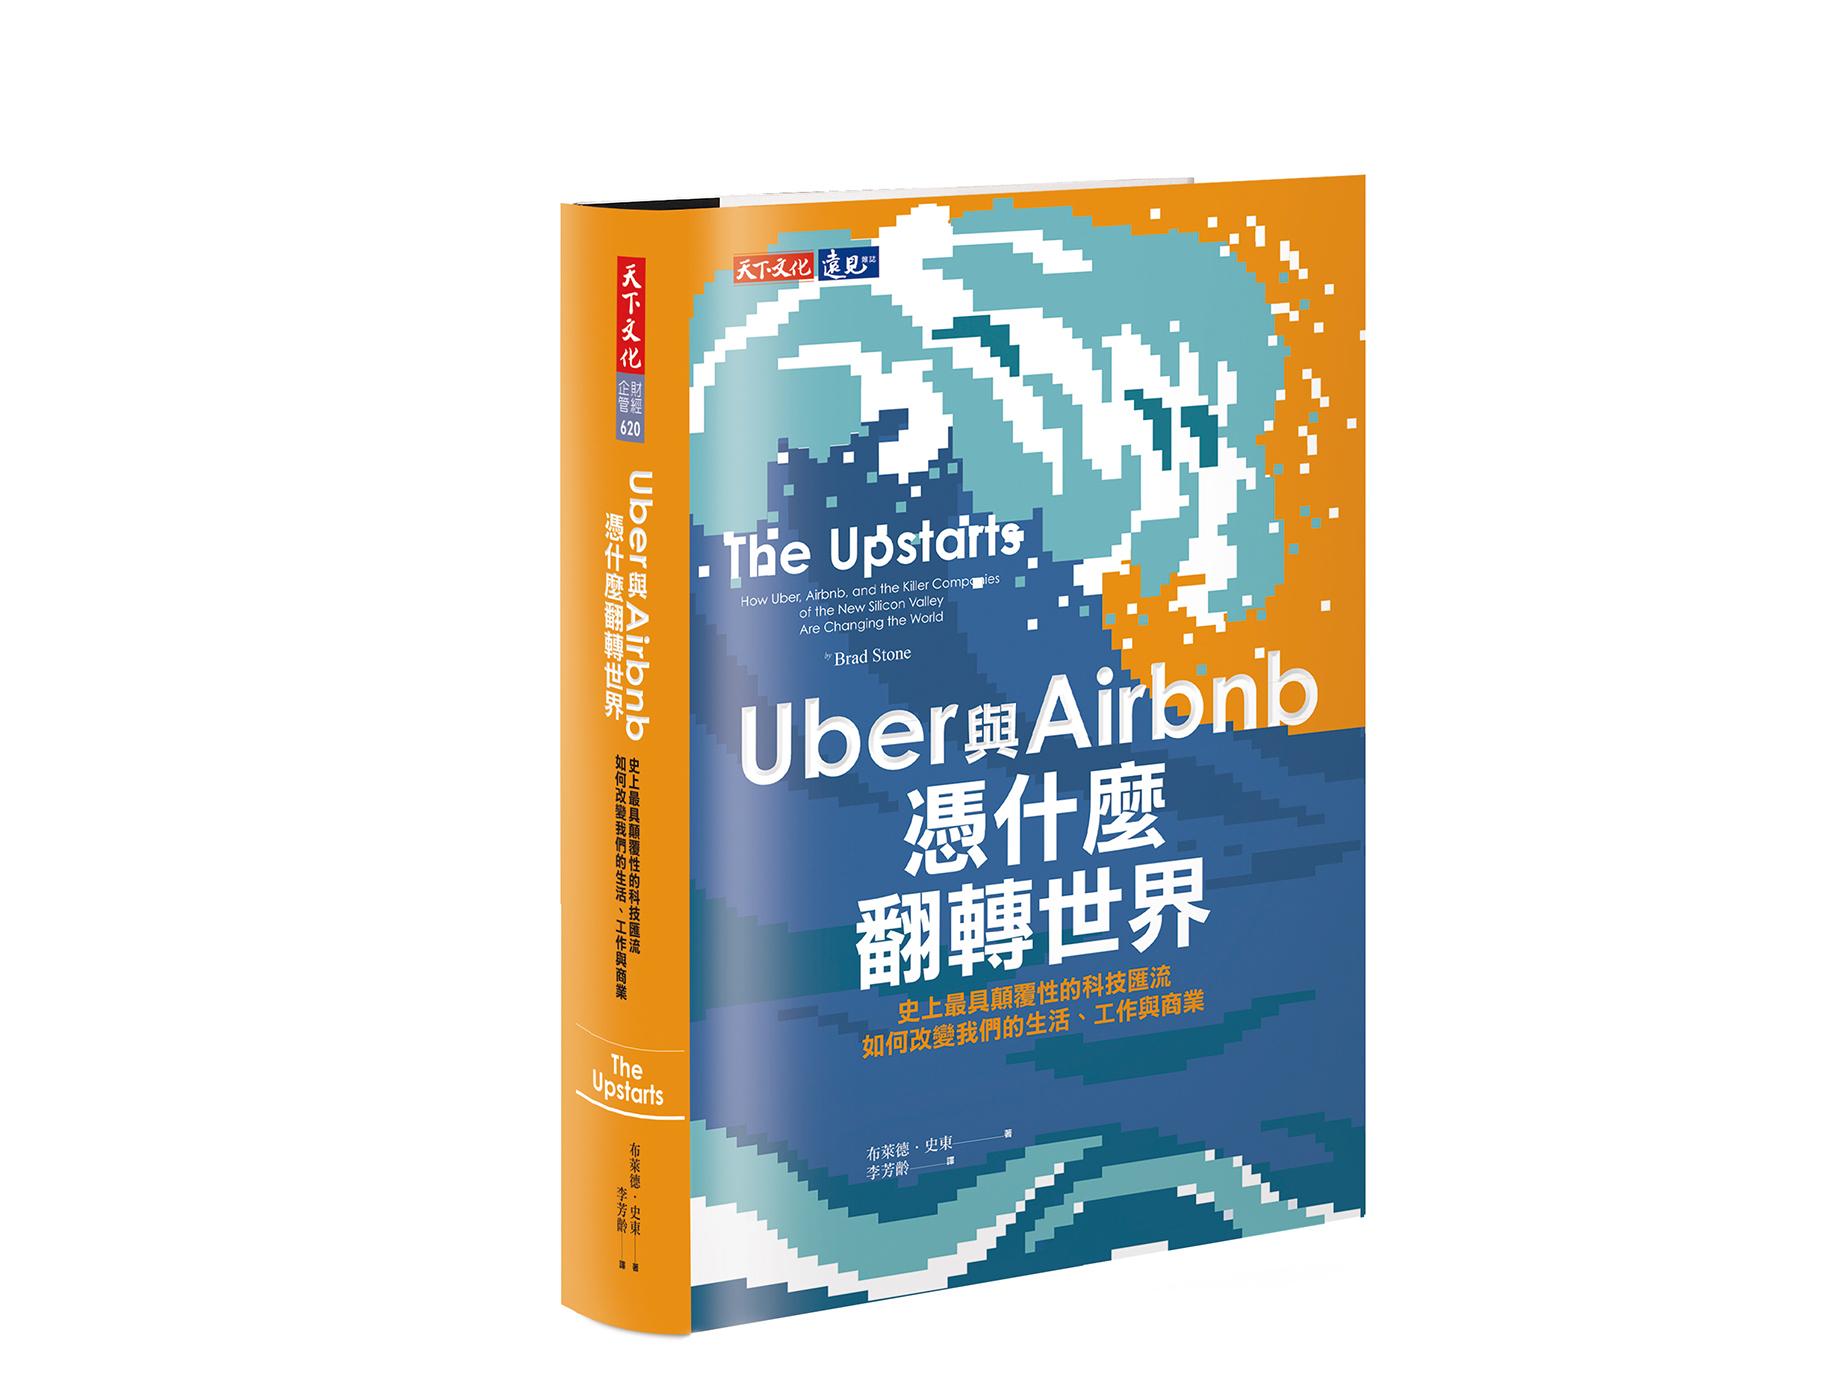 新書搶先看》Airbnb用成長駭客行銷策略,快速掠奪市場